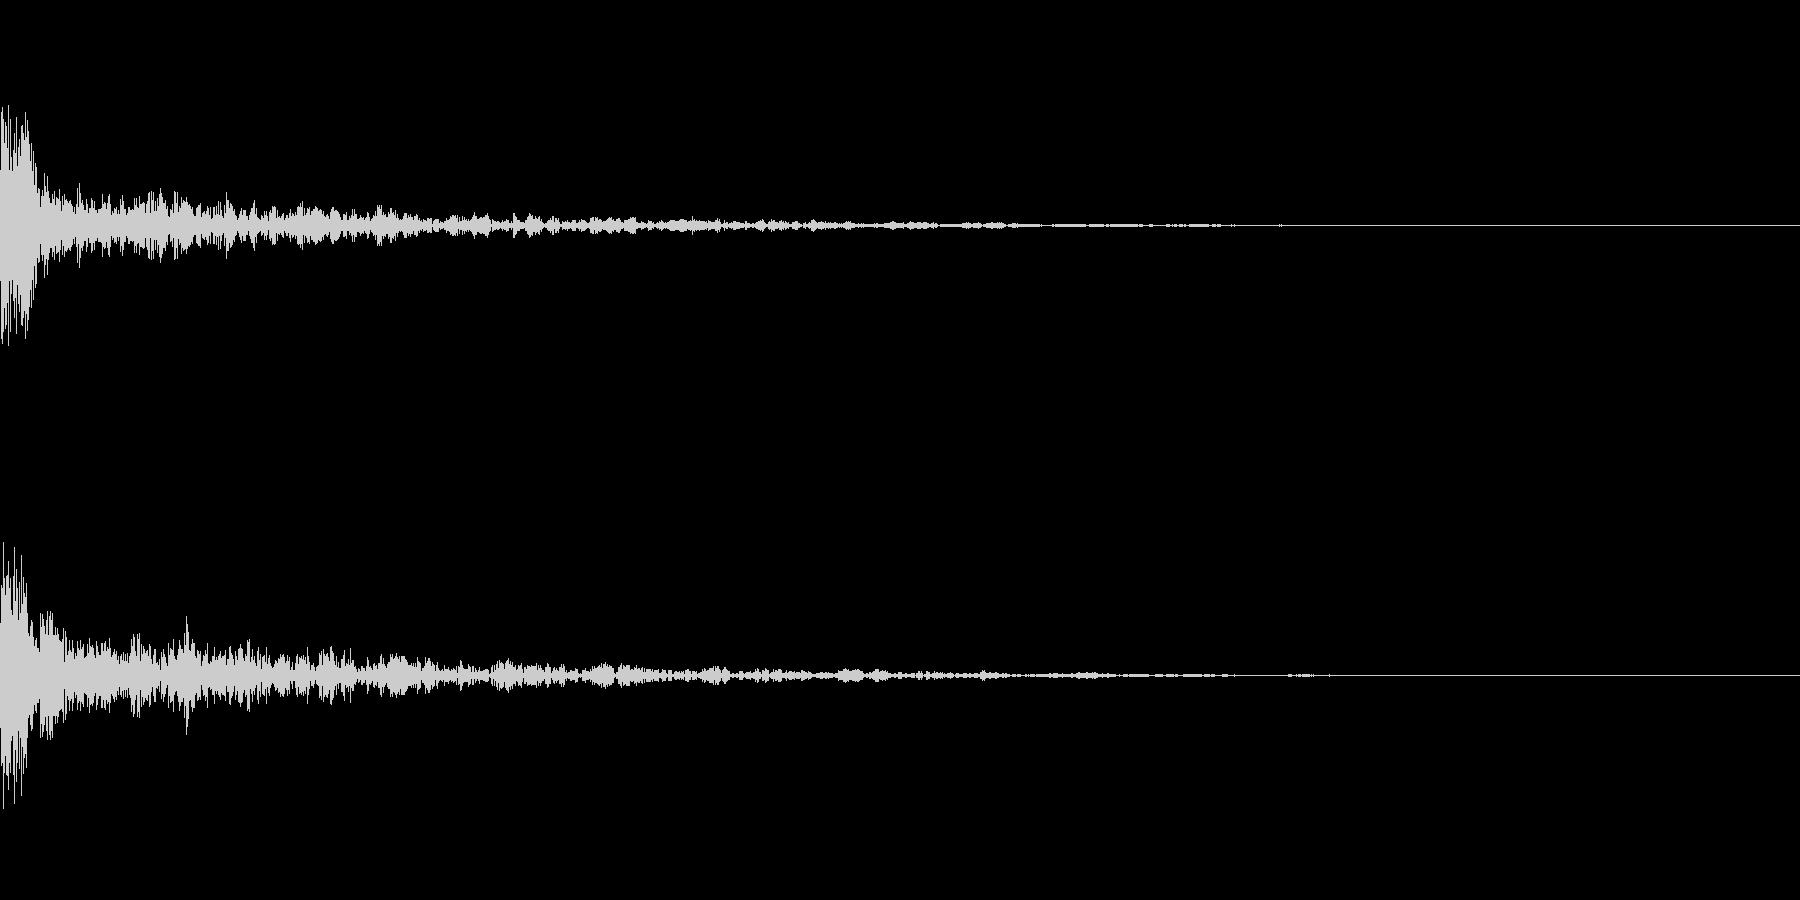 ドーン-33-1(インパクト音)の未再生の波形